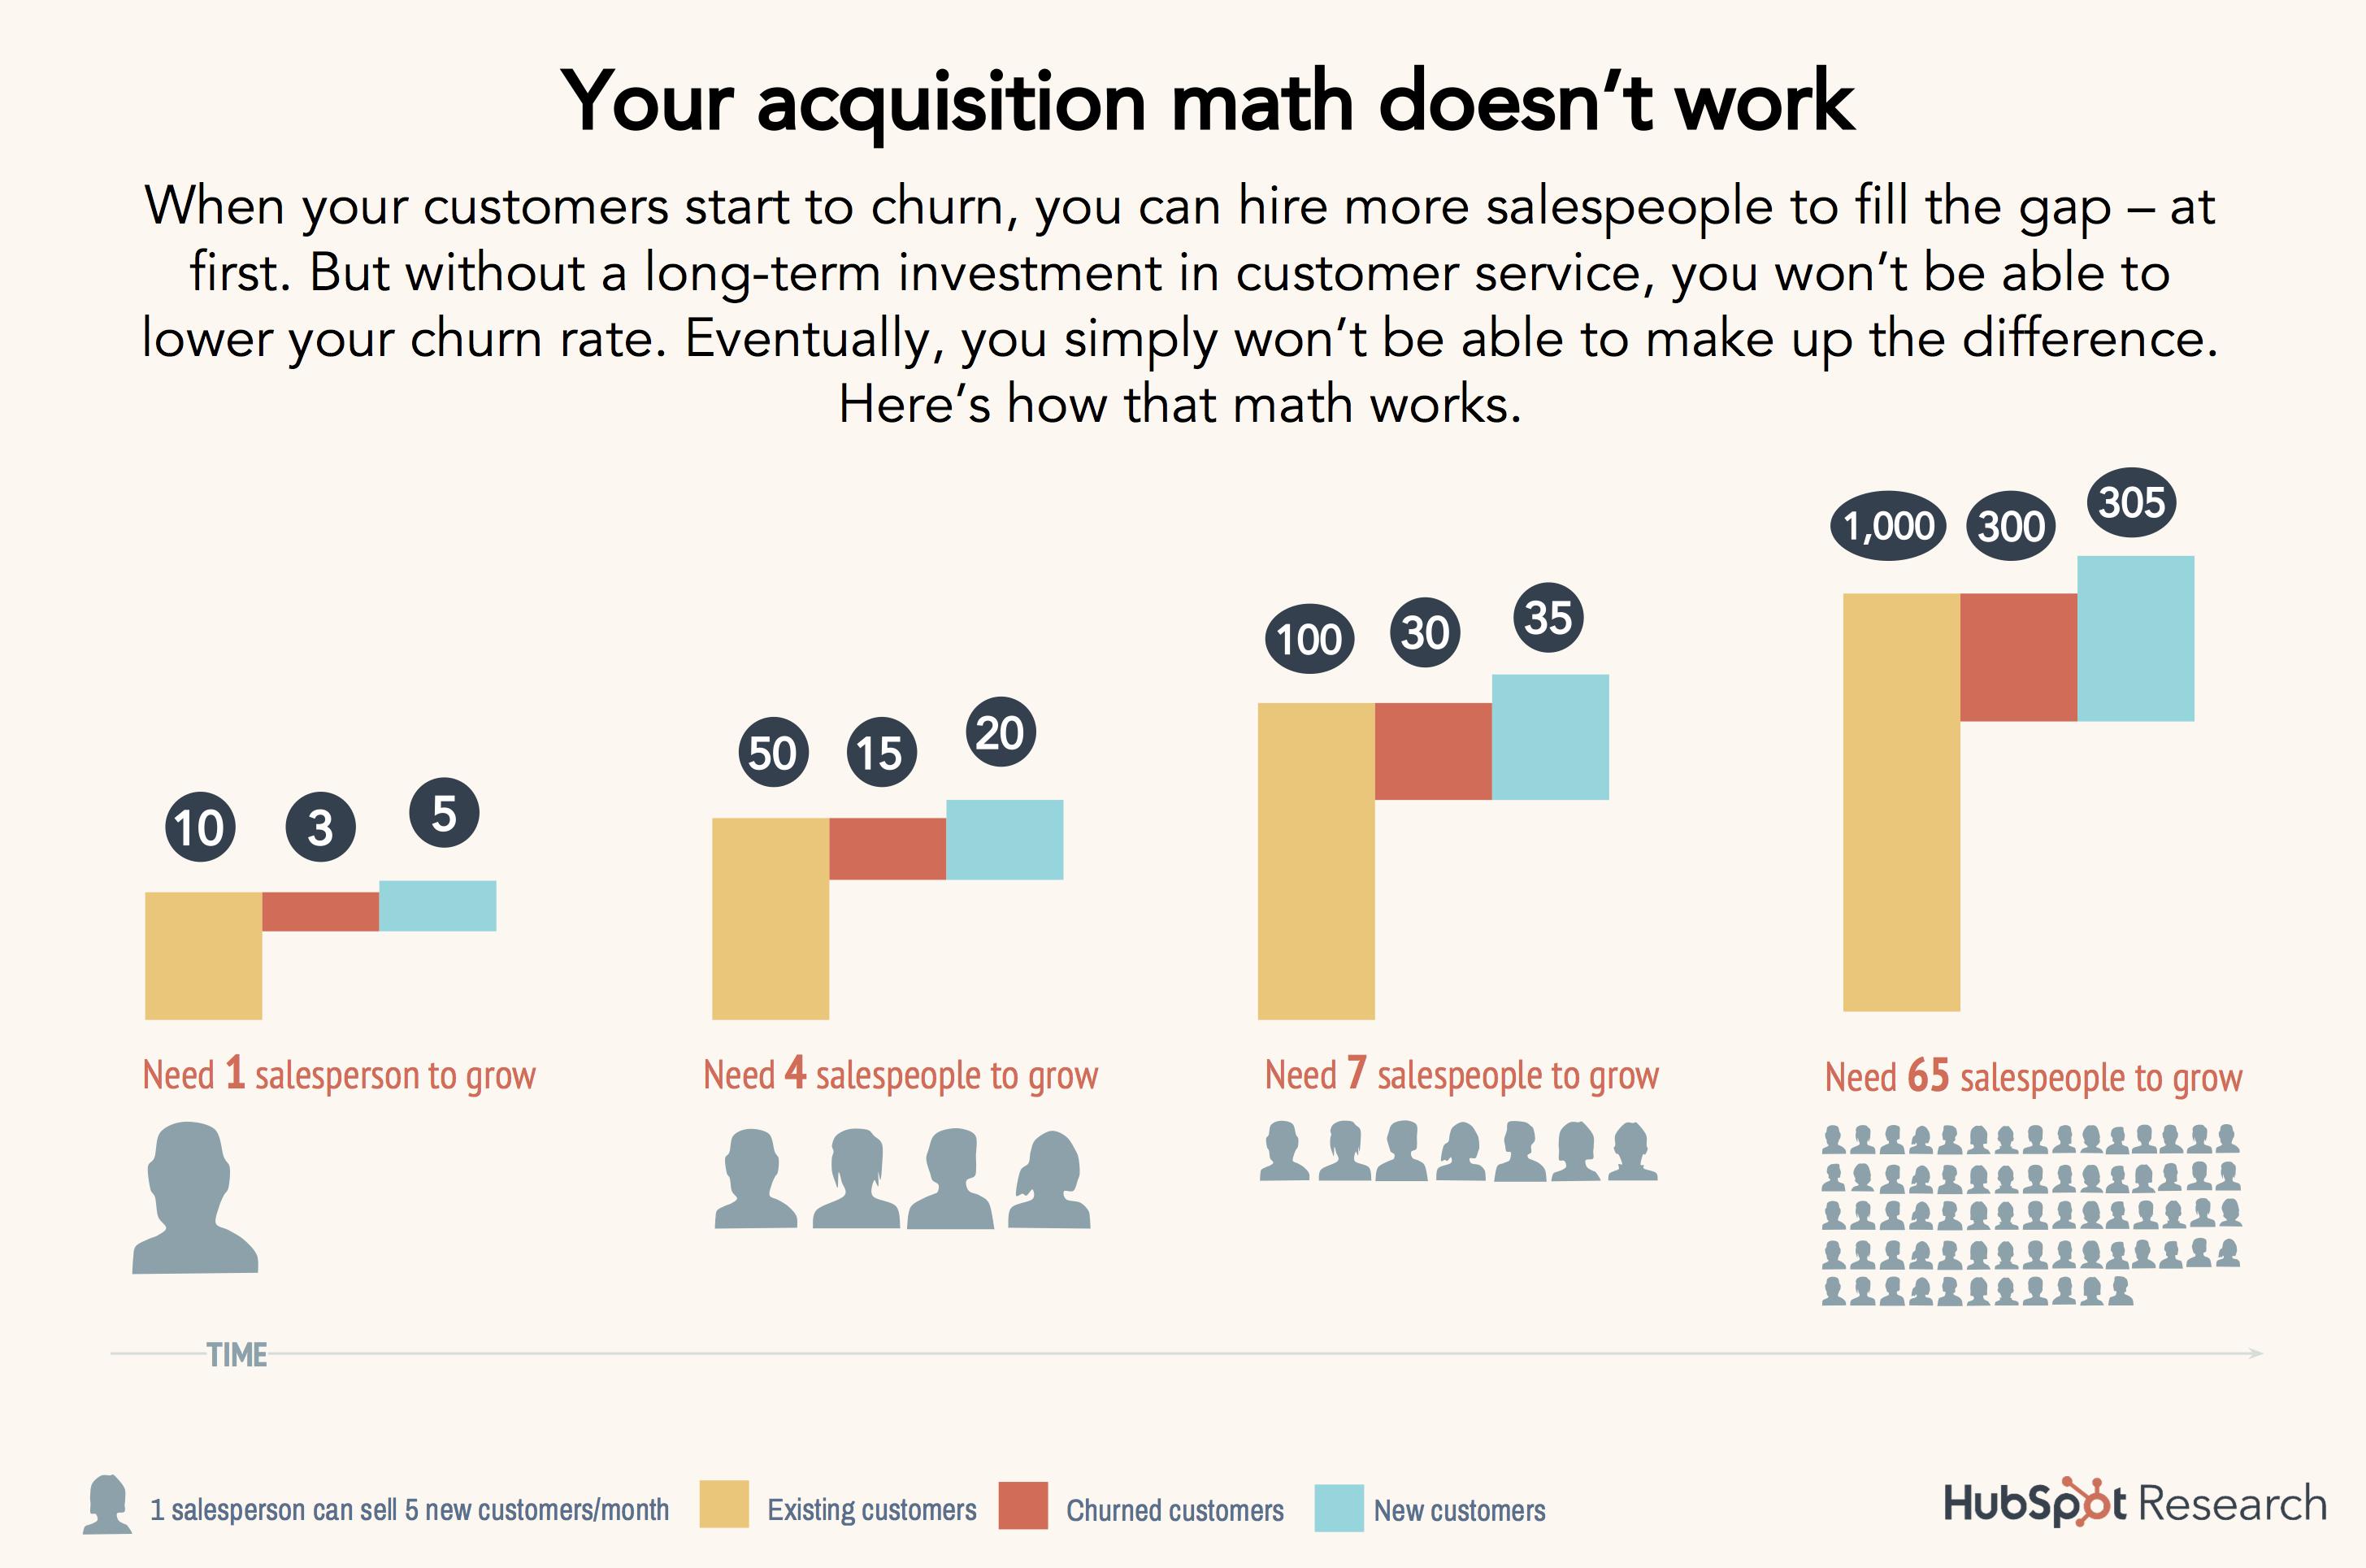 13-acquisition-math-broken